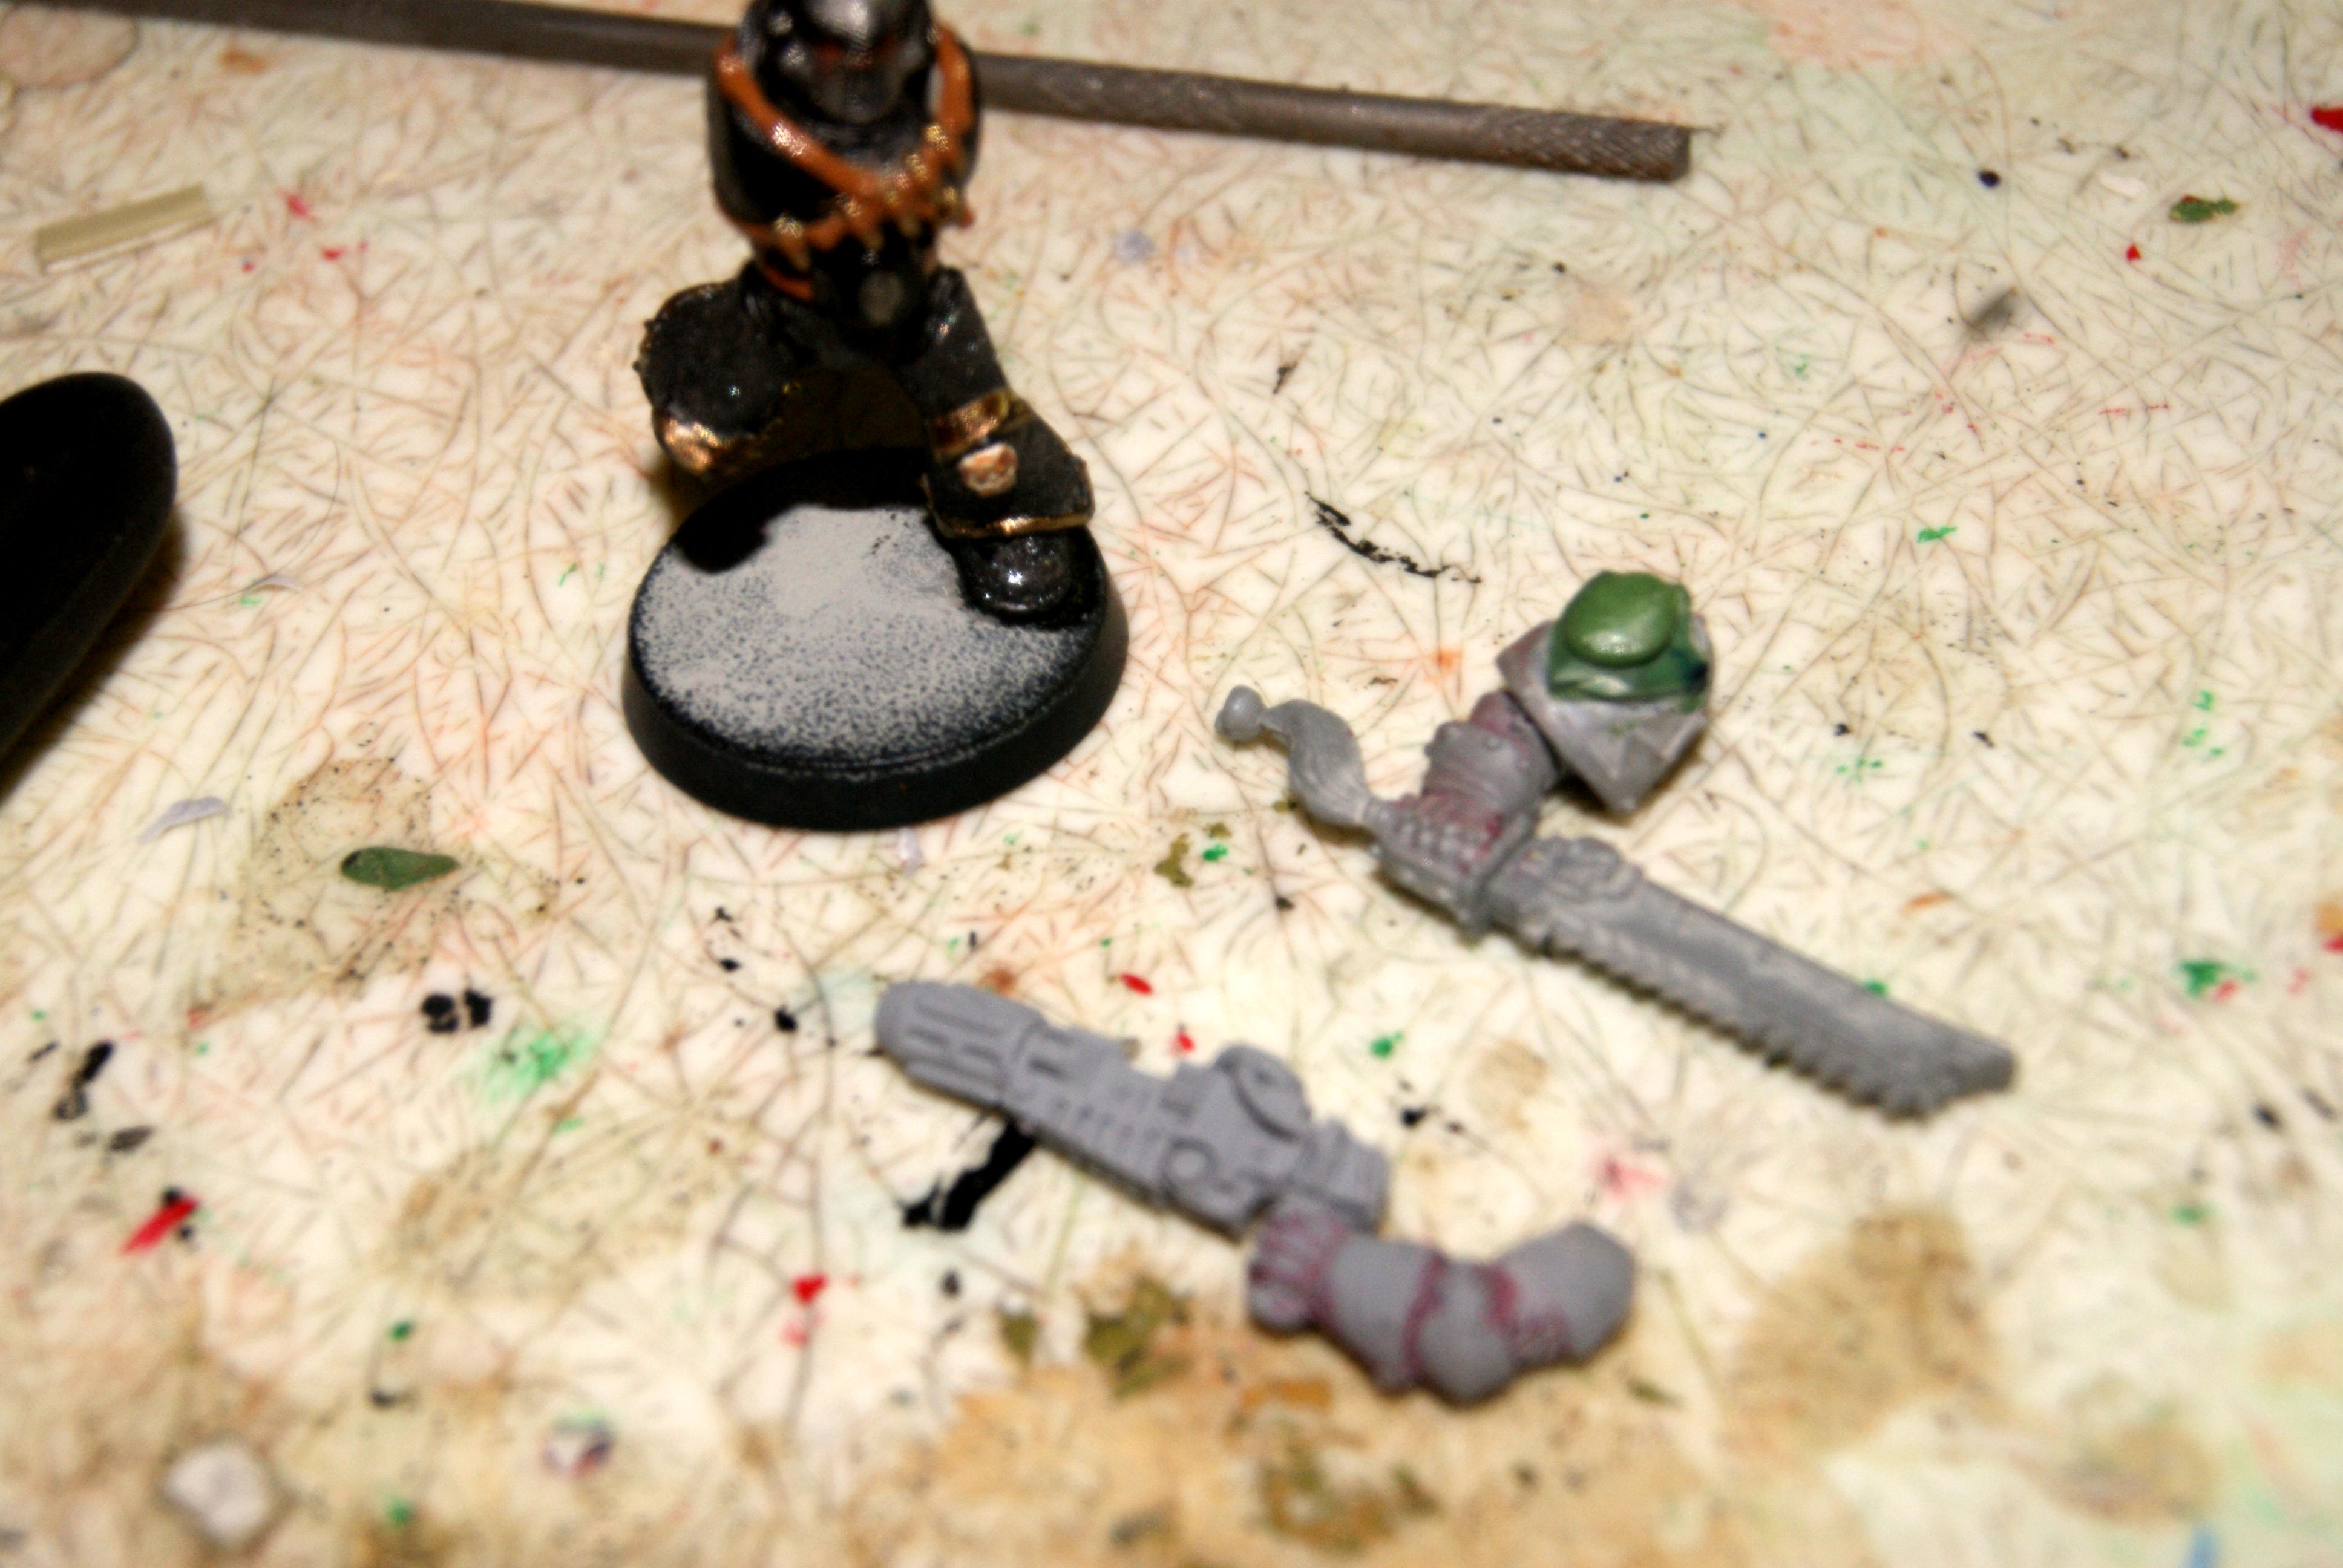 Troop arms chosen